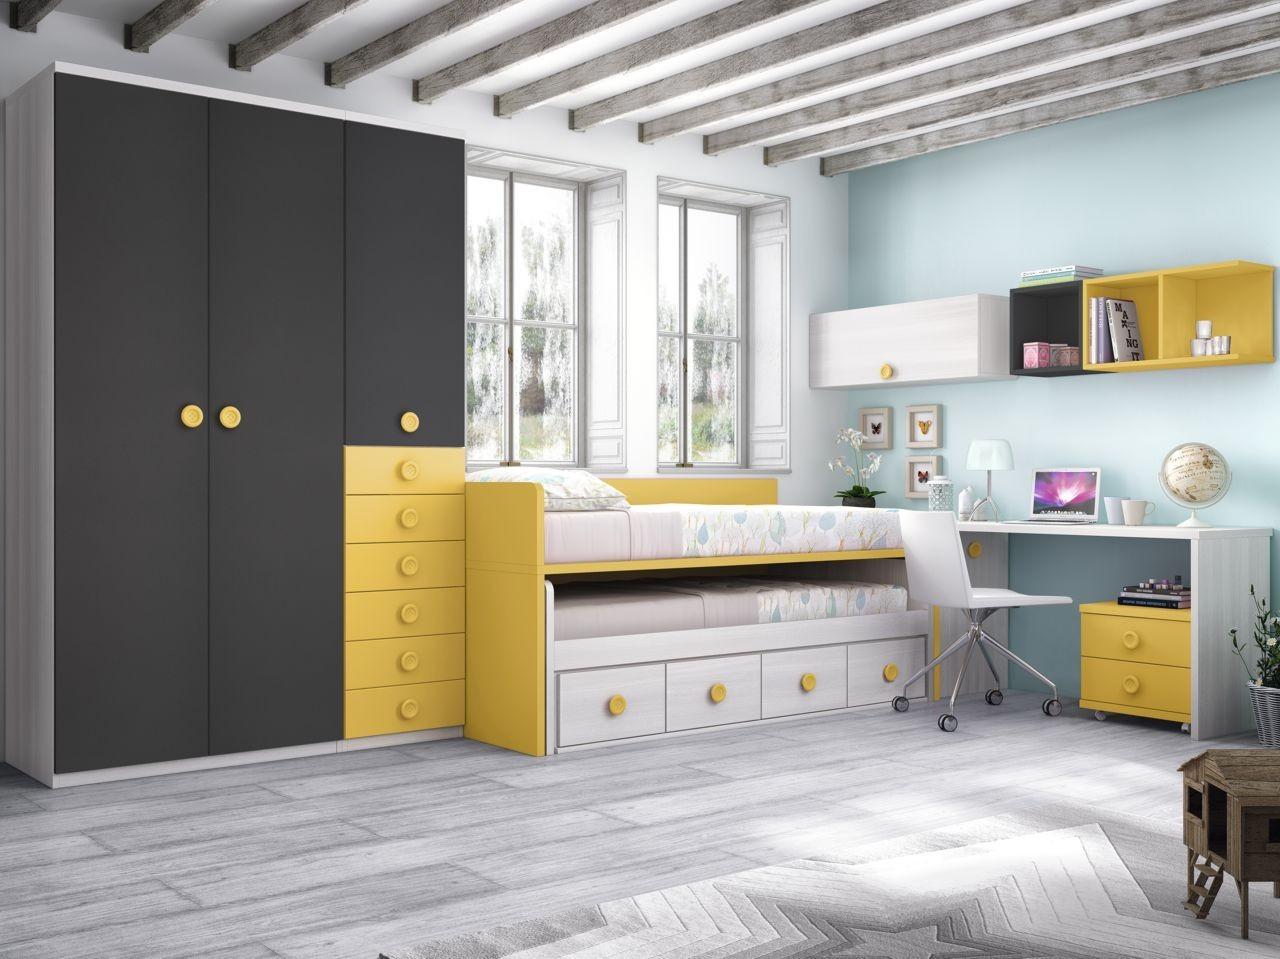 habitacin juvenil fresno pizarra y amarillo con tirador botn del modelo Formas F073 de Glicerio Chaves  Zaragoza